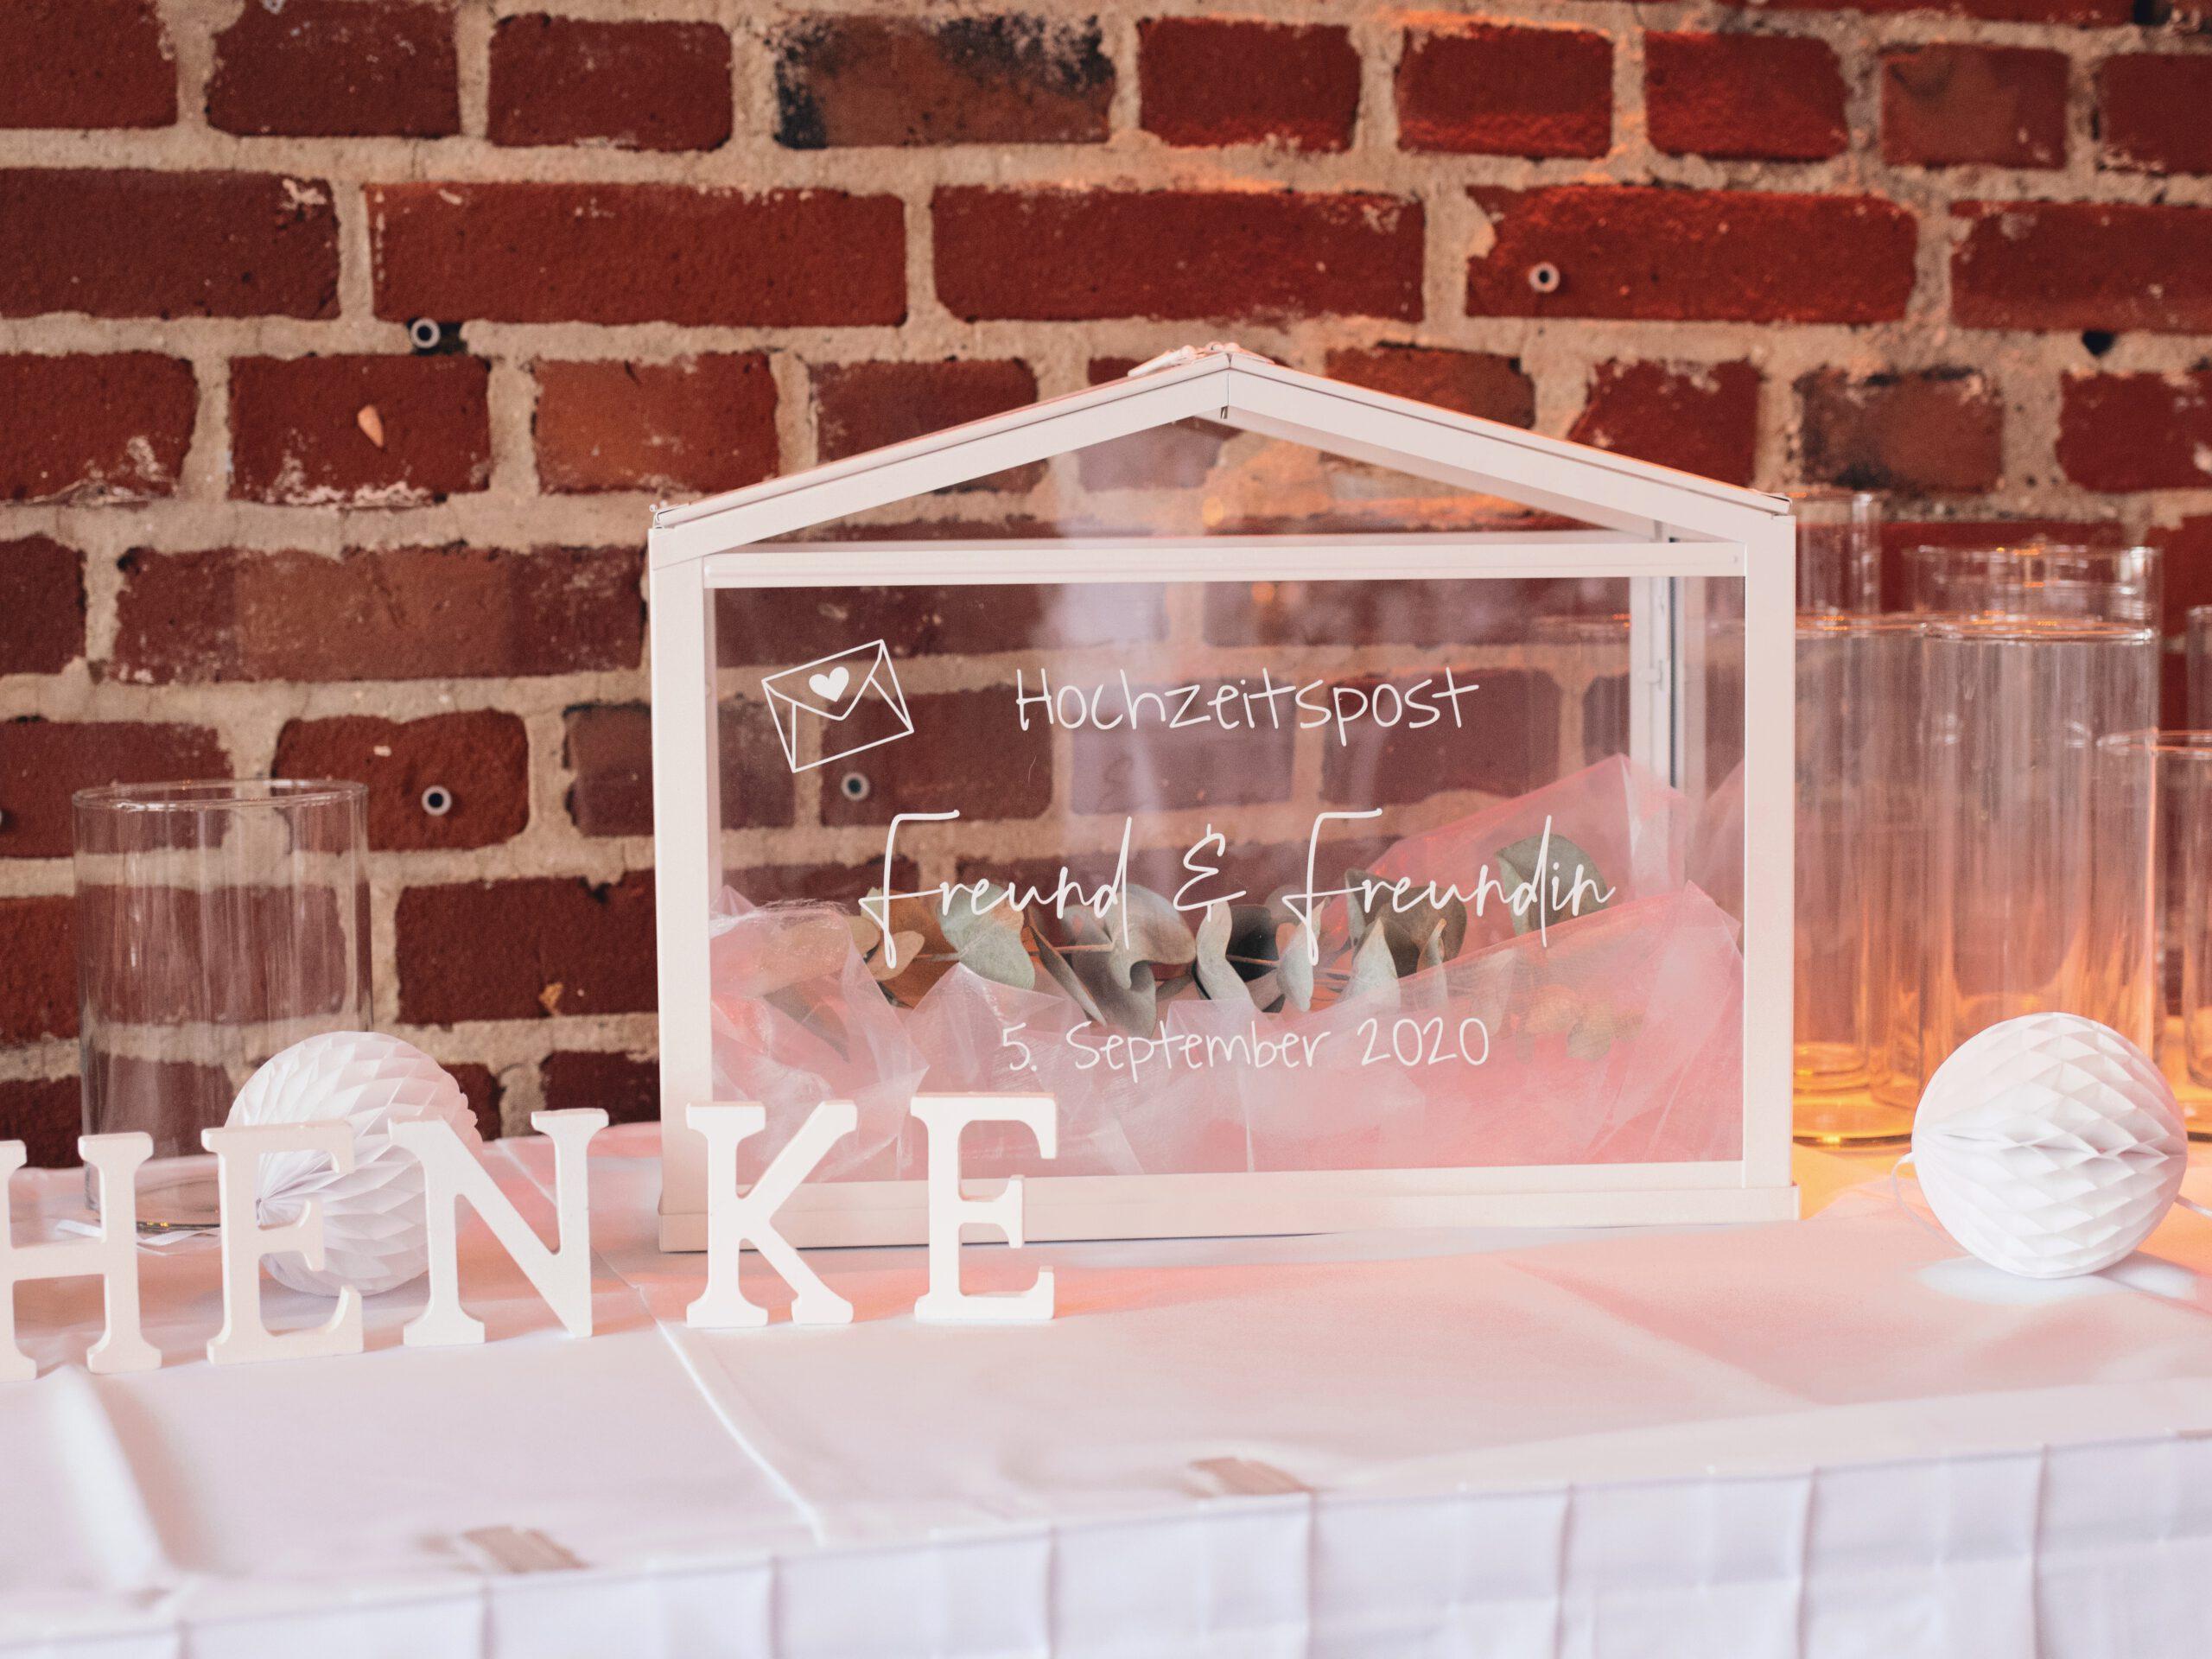 DIY Boho-Hochzeit: DIY Hochzeitspost aus IKEA Gewächshaus